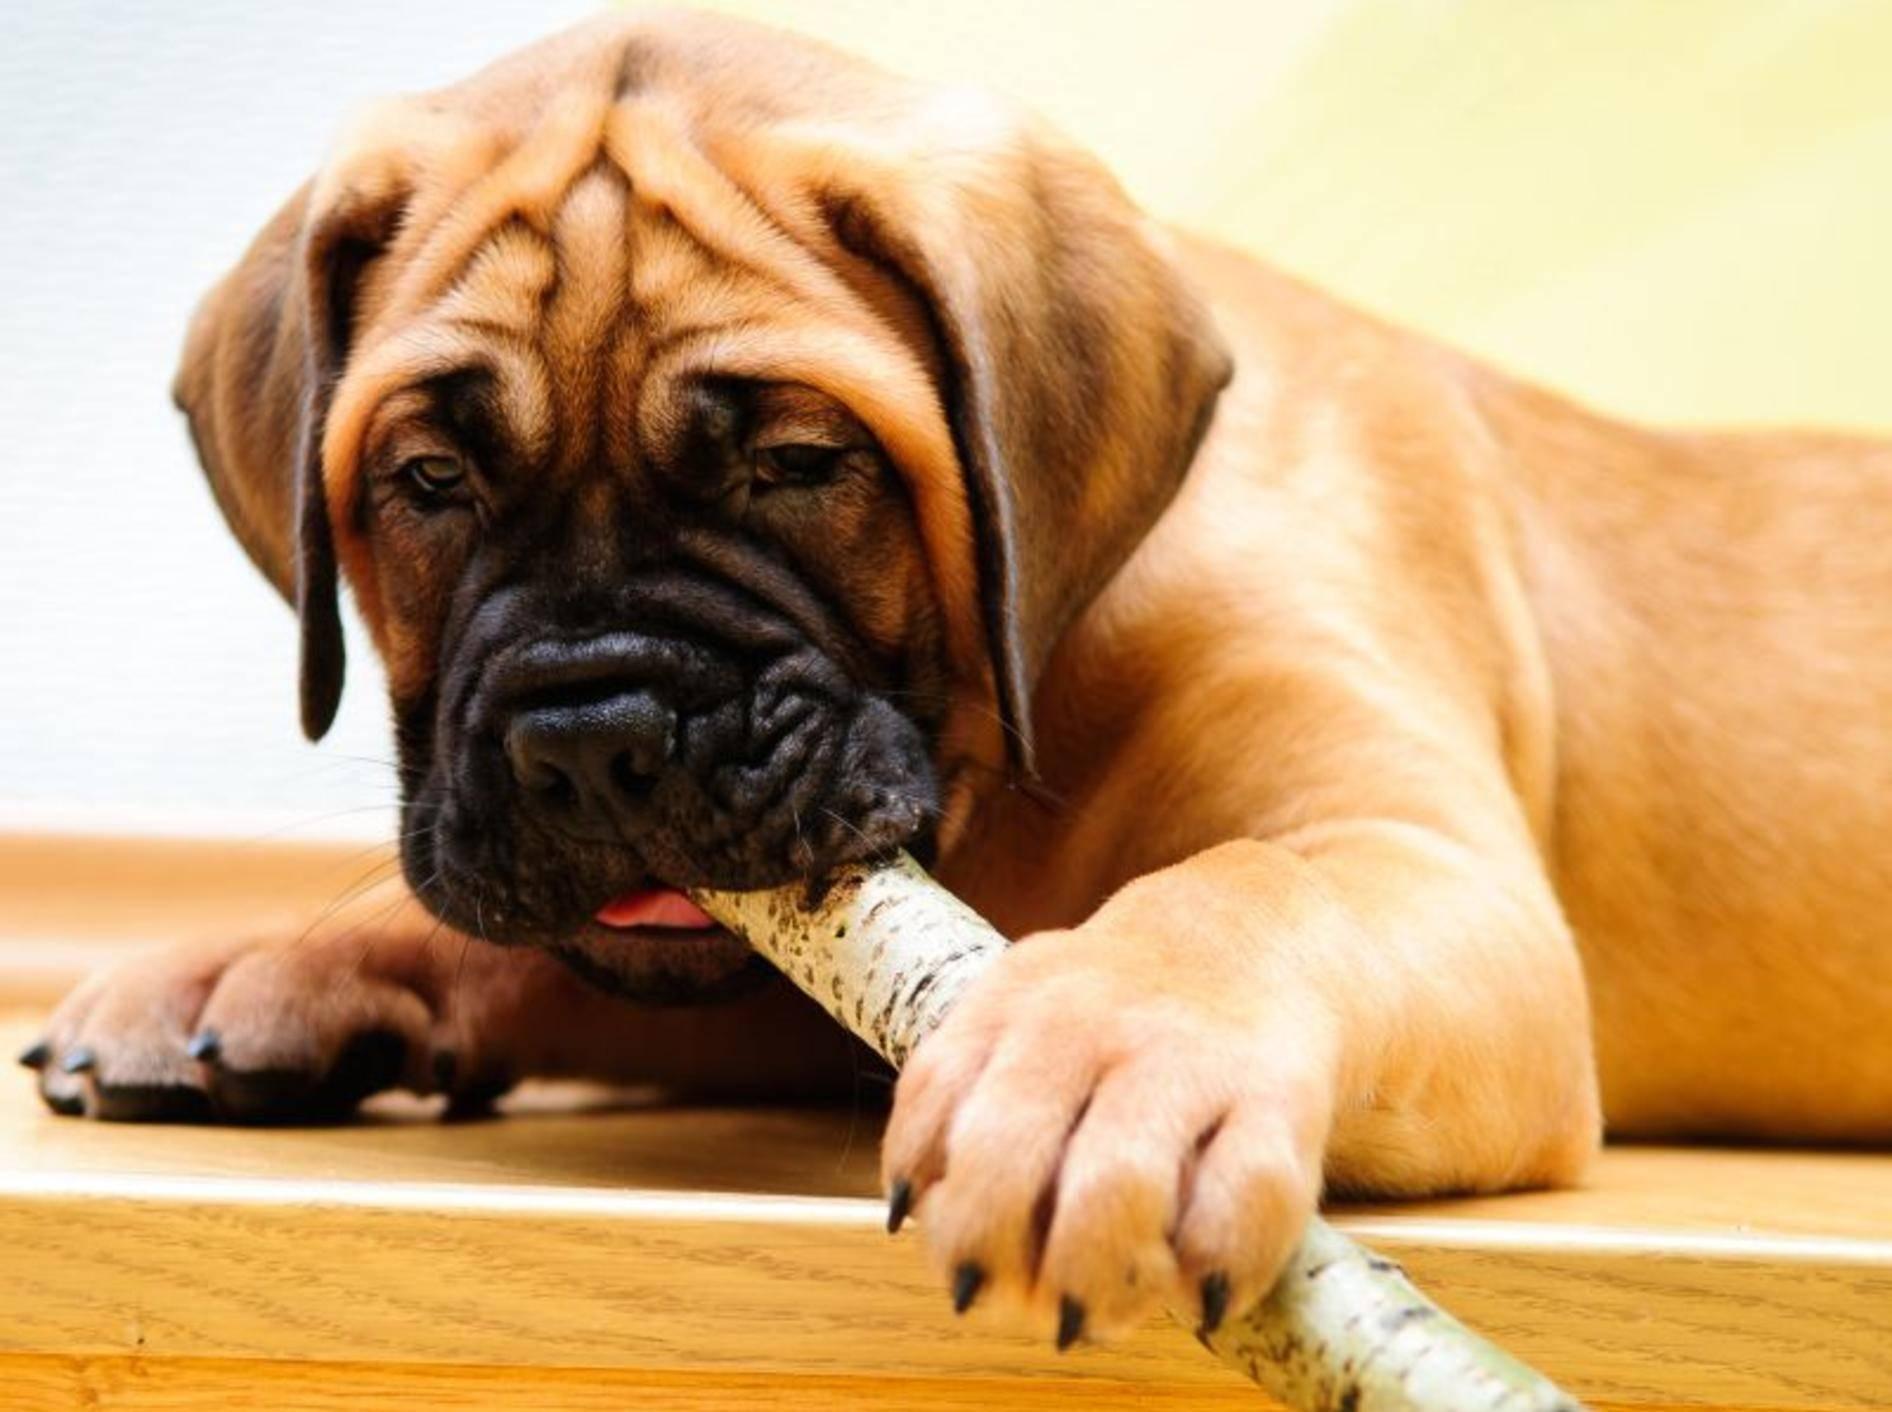 Ein aufmerksamer Beschützer: Der Bullmastiff – Bild: Shutterstock / Inna Astakhova